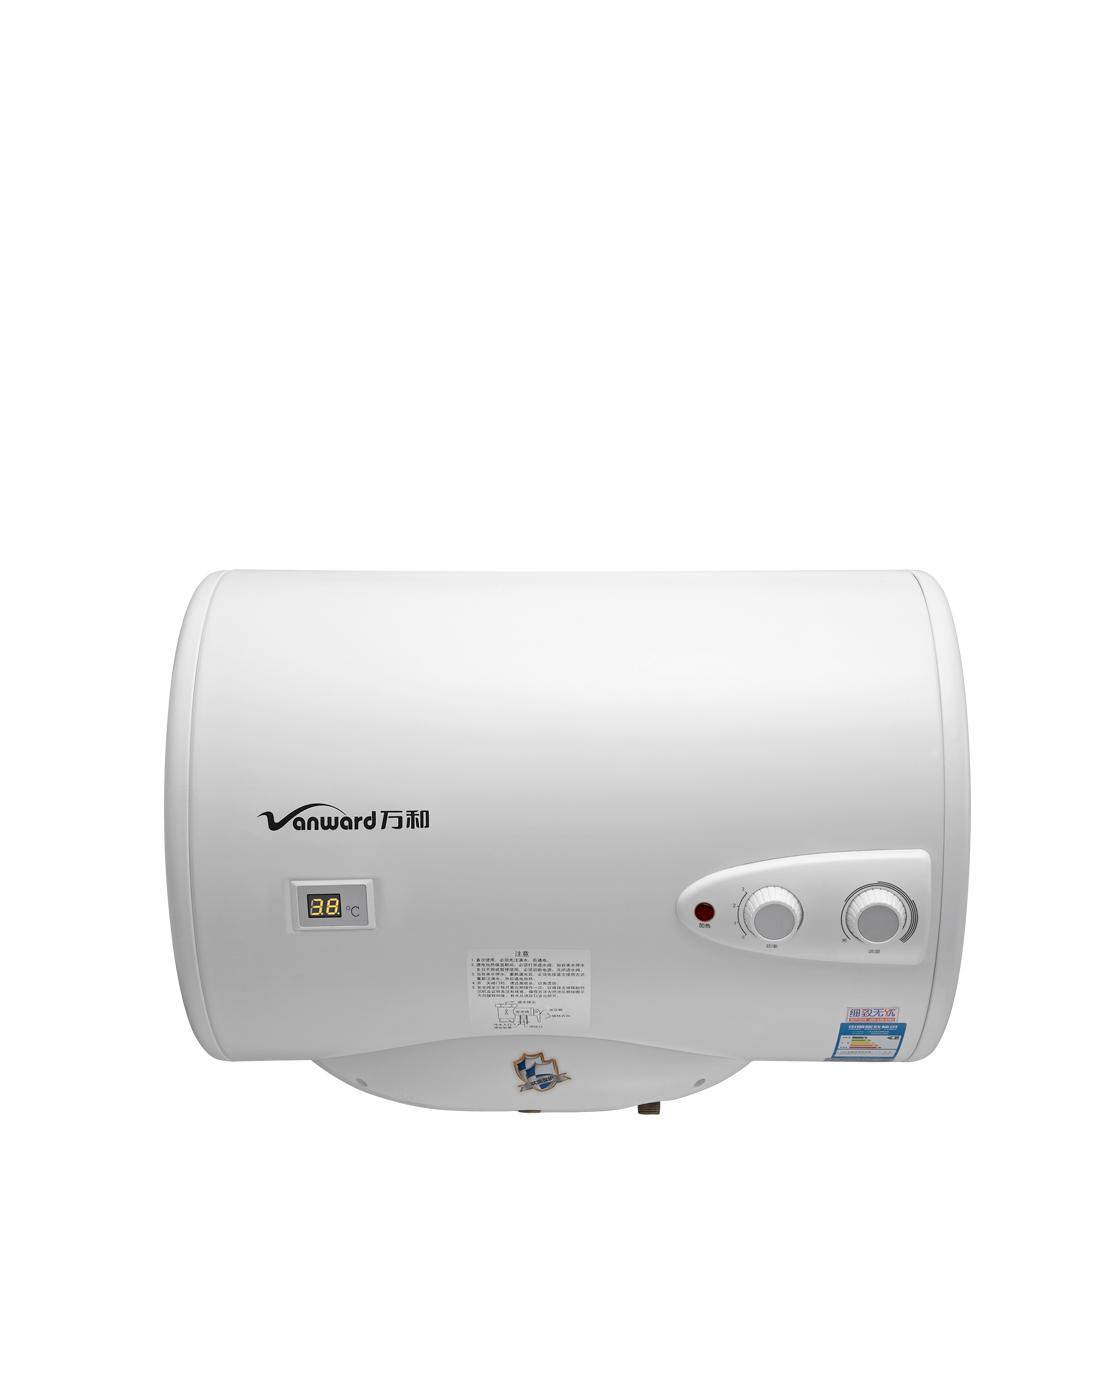 万和vanward电器c33防电墙双盾数显型储水式电热水器